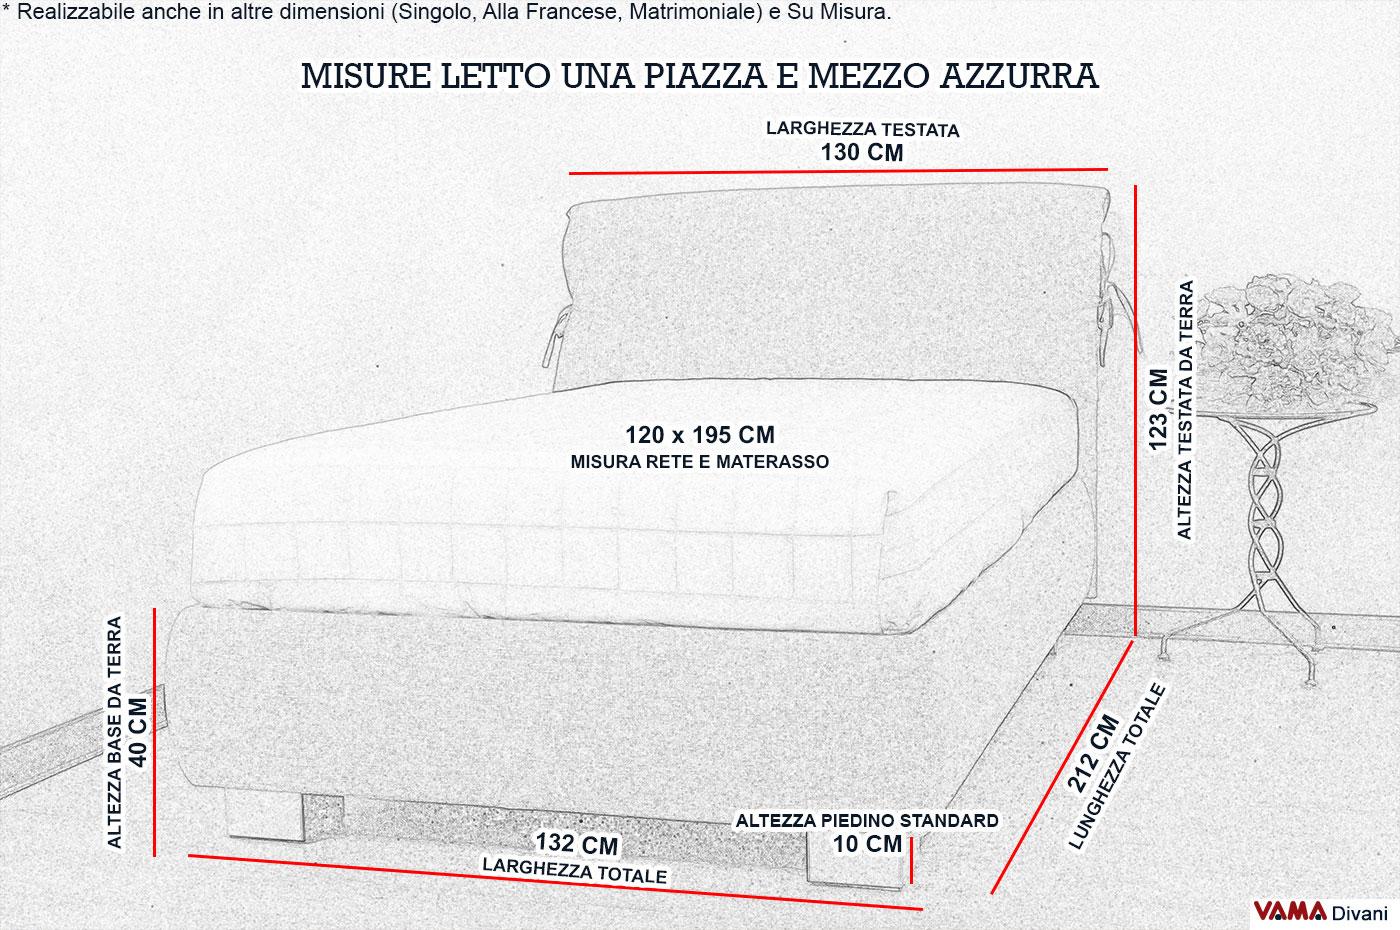 Dimensioni Letto Una Piazza E Mezza.56 Misure Larghezza 125 Cm Testiera 149 Cm Lunghezza 213 Cm